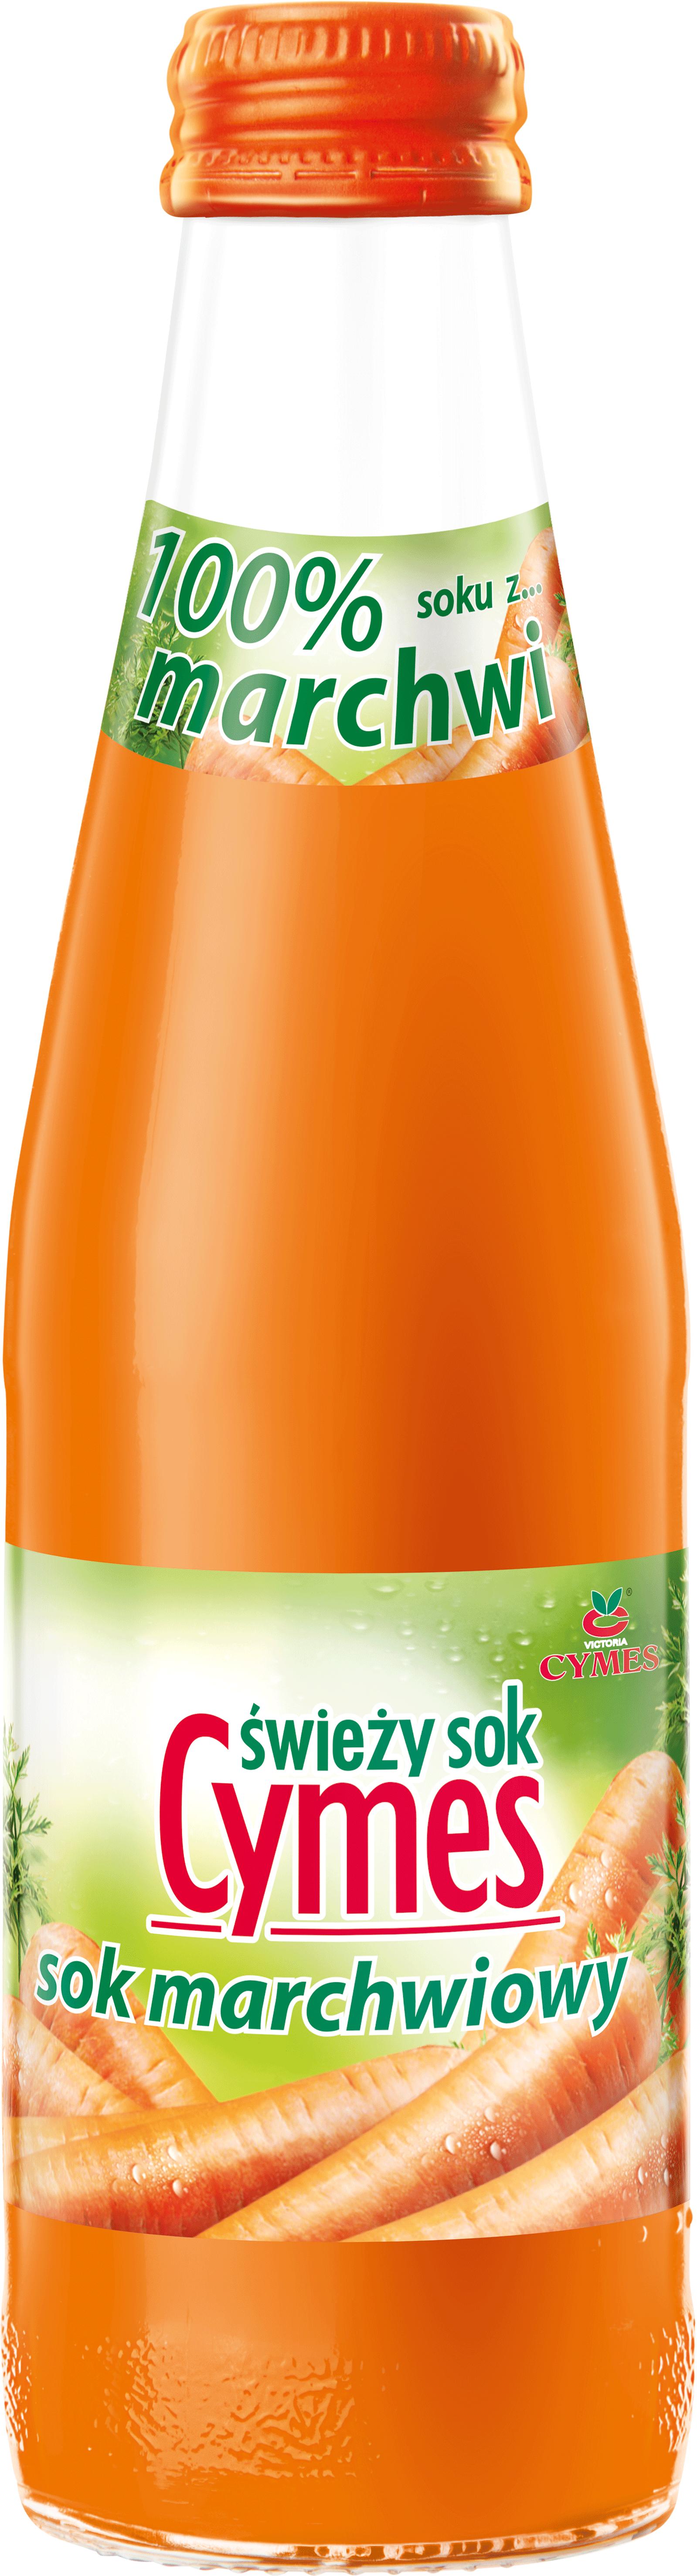 Victoria Cymes - sok marchwiowy